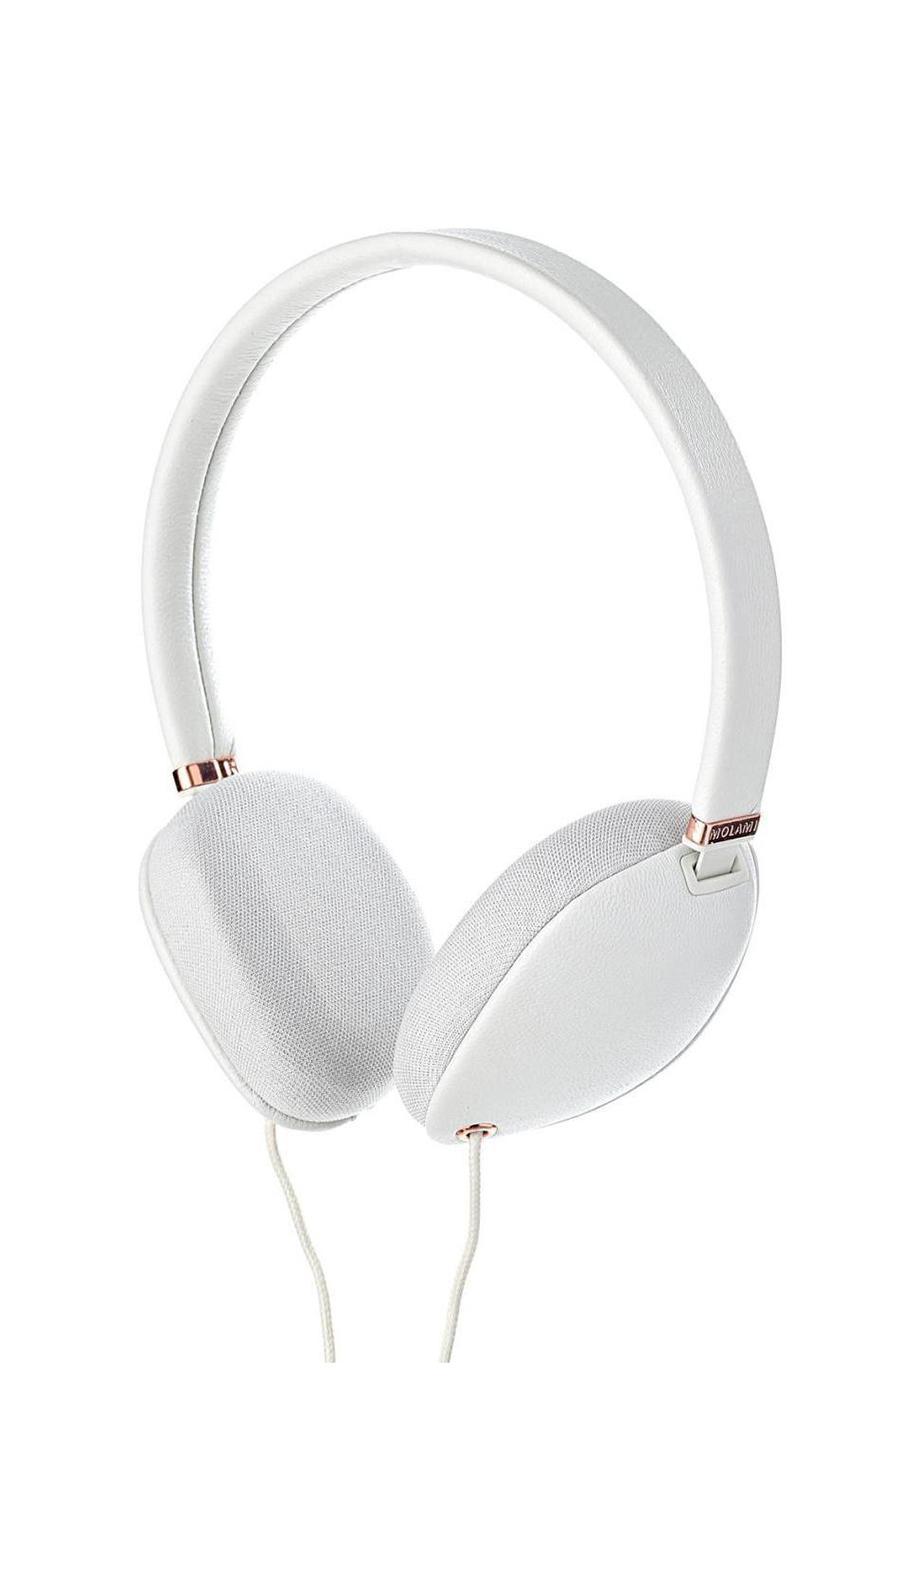 Molami Plica, White Copper наушники с функцией гарнитурыPlica WhiteMolami Plica - качественные накладные наушники с классическим оголовьем для вашего устройства, надежно прижимающим динамики к ушам и распределяющим нагрузку по всей голове. Удобная посадка обеспечивает долгое, комфортное ношение. Внушительных размеров динамики передают чистый звук с выразительными низами и звонкими верхами. Встроенный микрофон позволяет общаться без использования рук, а его высокая чувствительность делает вашу речь хорошо разборчивой на другом конце провода. Molami Plica отлично подходят как для общения, так и для прослушивания музыки, радио, просмотра видеороликов и фильмов.